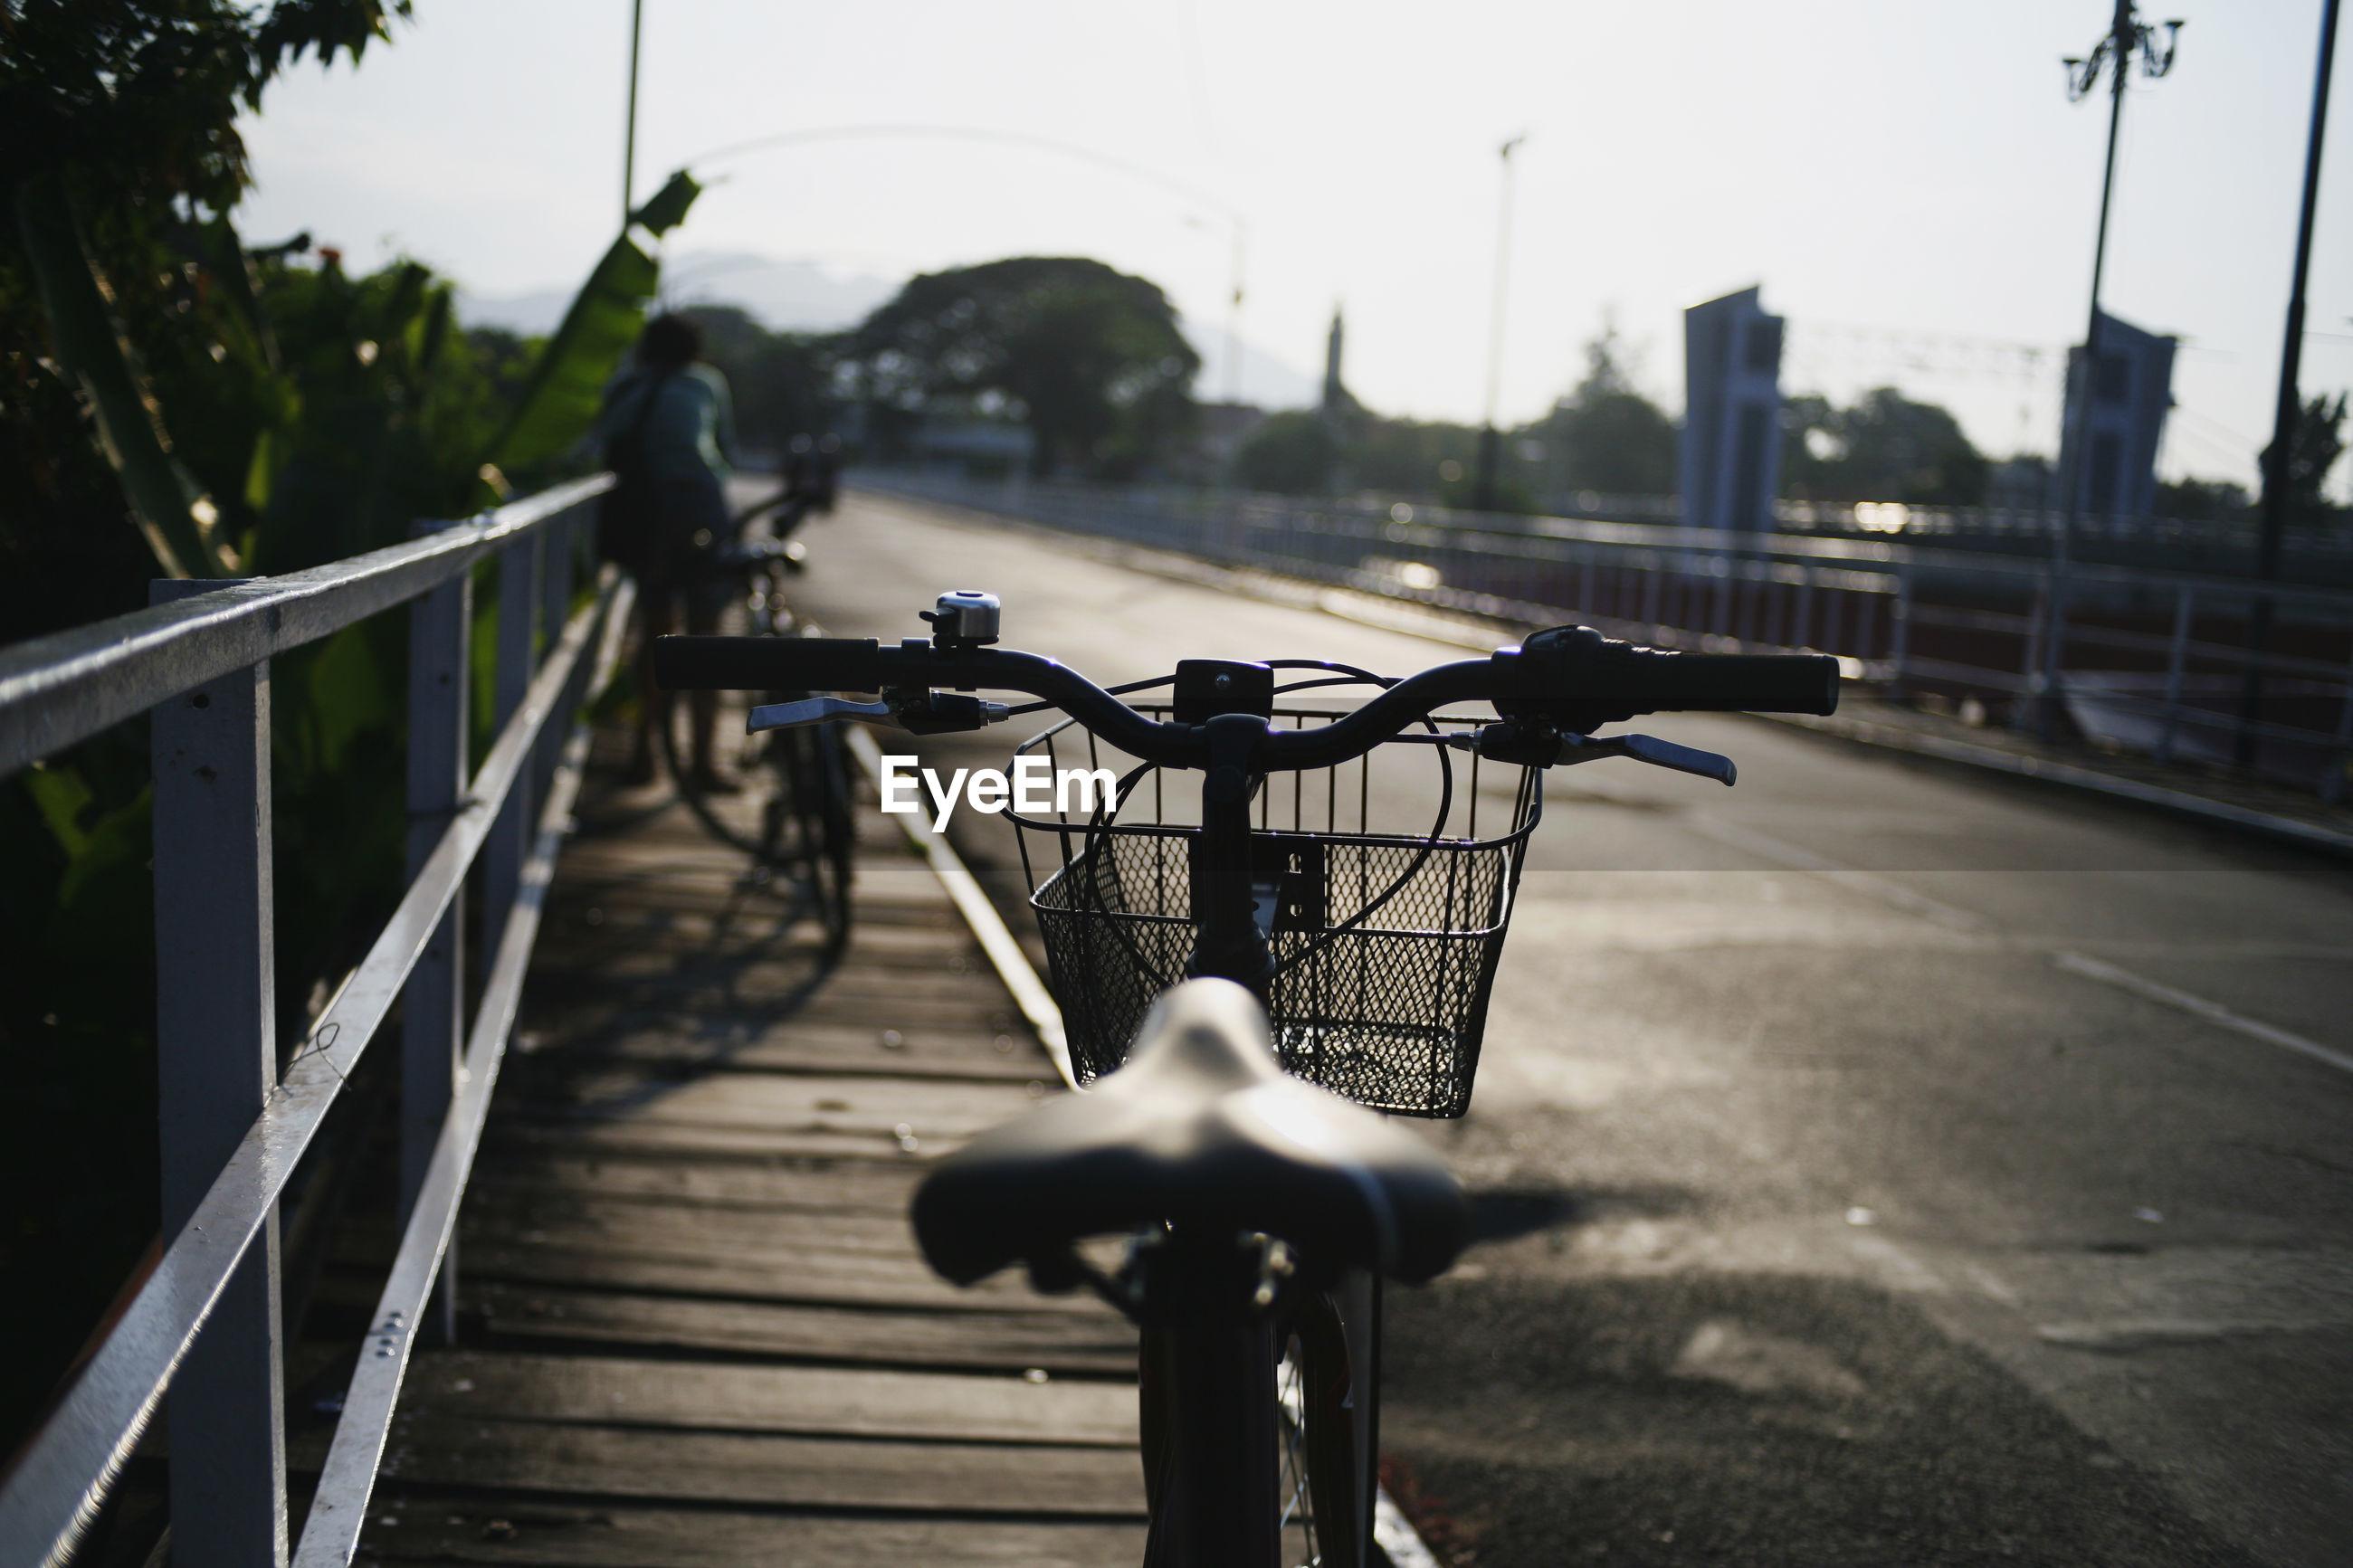 Bicycle on bridge in city